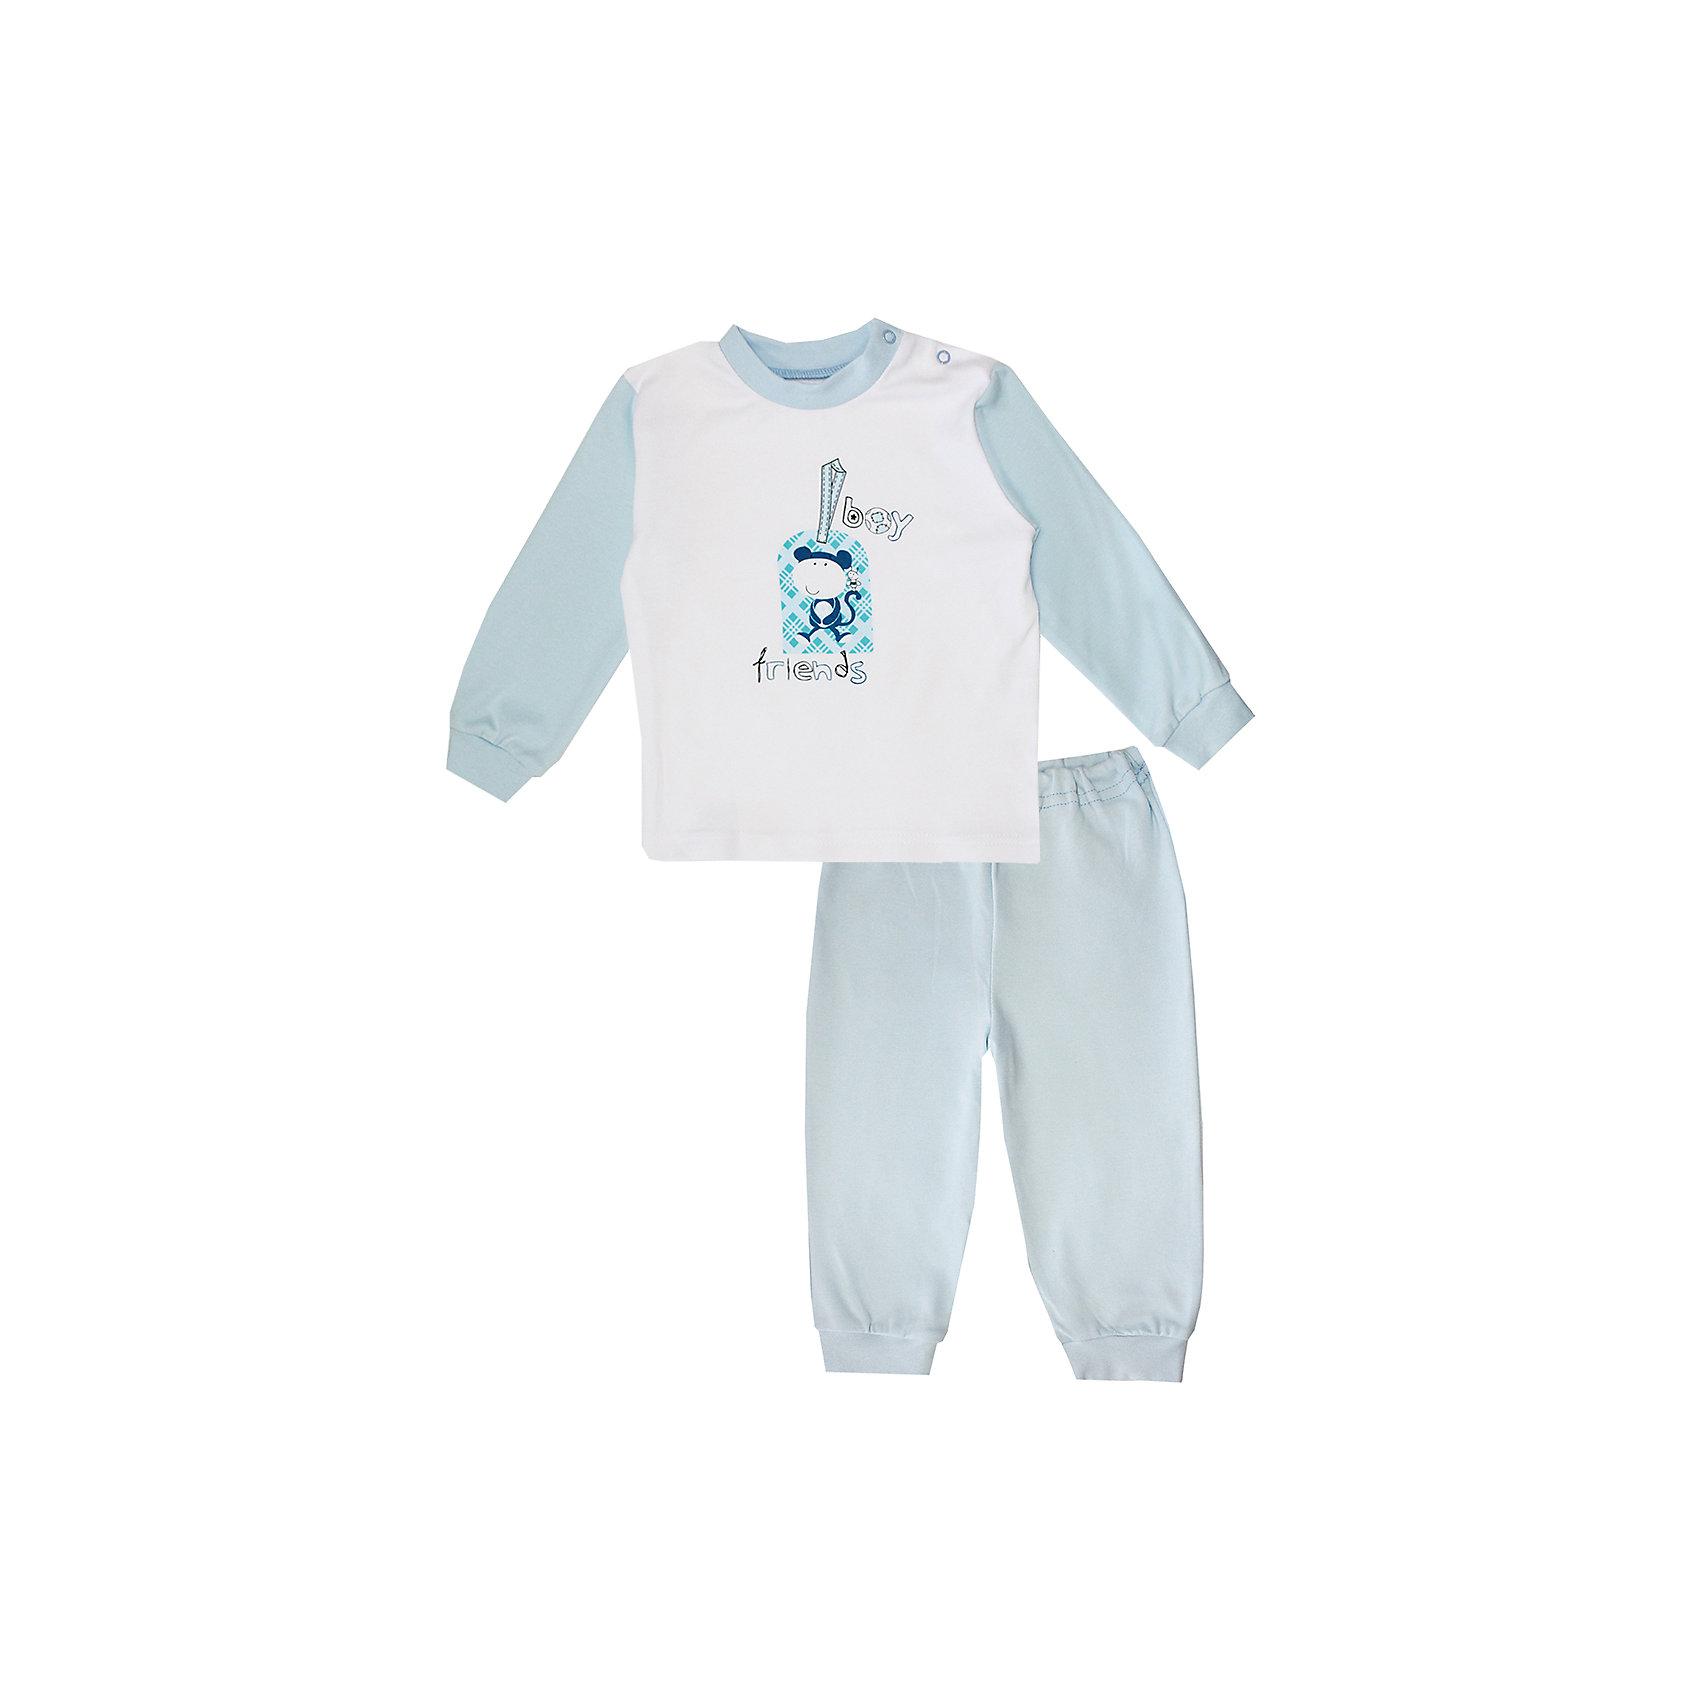 Пижама для мальчика КотМарКотПижама для мальчика из мягкого, натурального материала с интересным принтом<br>Состав:<br>100% хлопок<br><br>Ширина мм: 281<br>Глубина мм: 70<br>Высота мм: 188<br>Вес г: 295<br>Цвет: голубой/белый<br>Возраст от месяцев: 9<br>Возраст до месяцев: 12<br>Пол: Мужской<br>Возраст: Детский<br>Размер: 80,110,104,92,86,98<br>SKU: 4254853